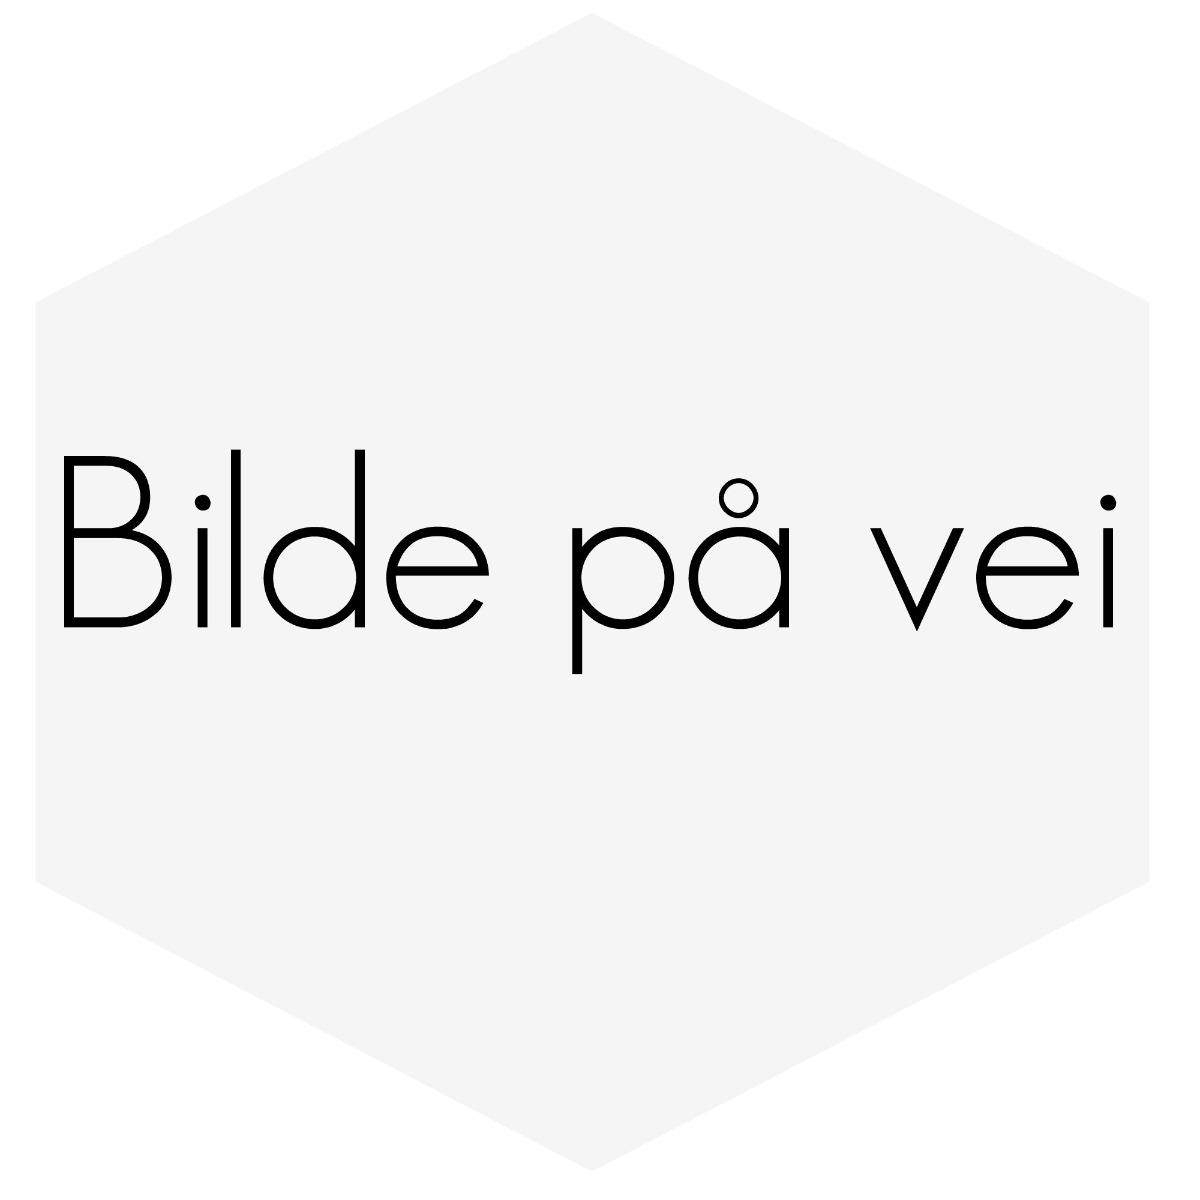 KLIPS TIL HÅNDBREKK VOLVO XC90  30683358